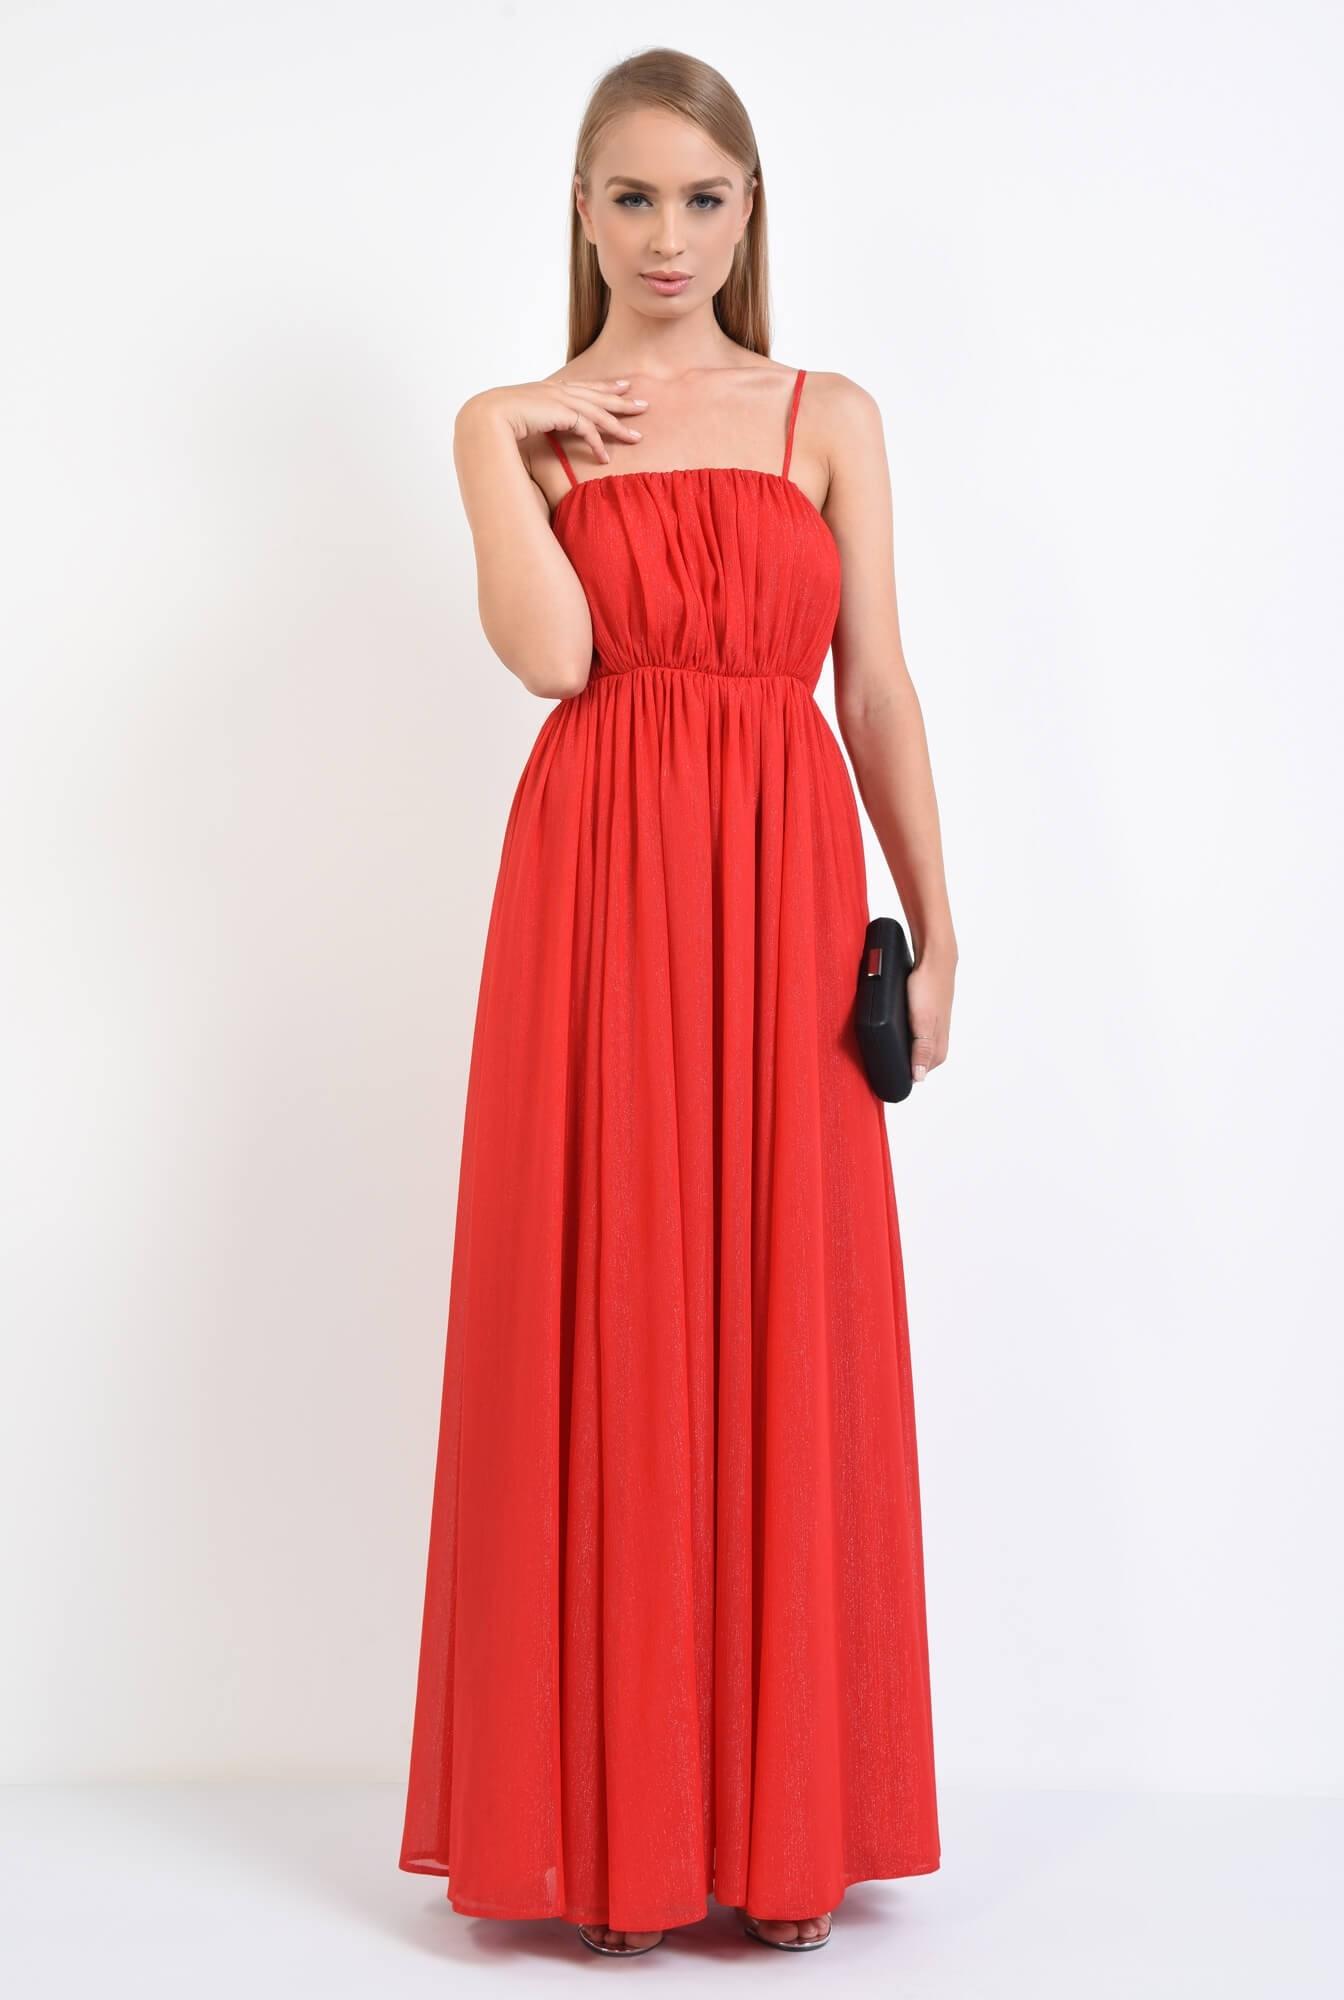 3 - rochie de seara, lunga, rosu, voal